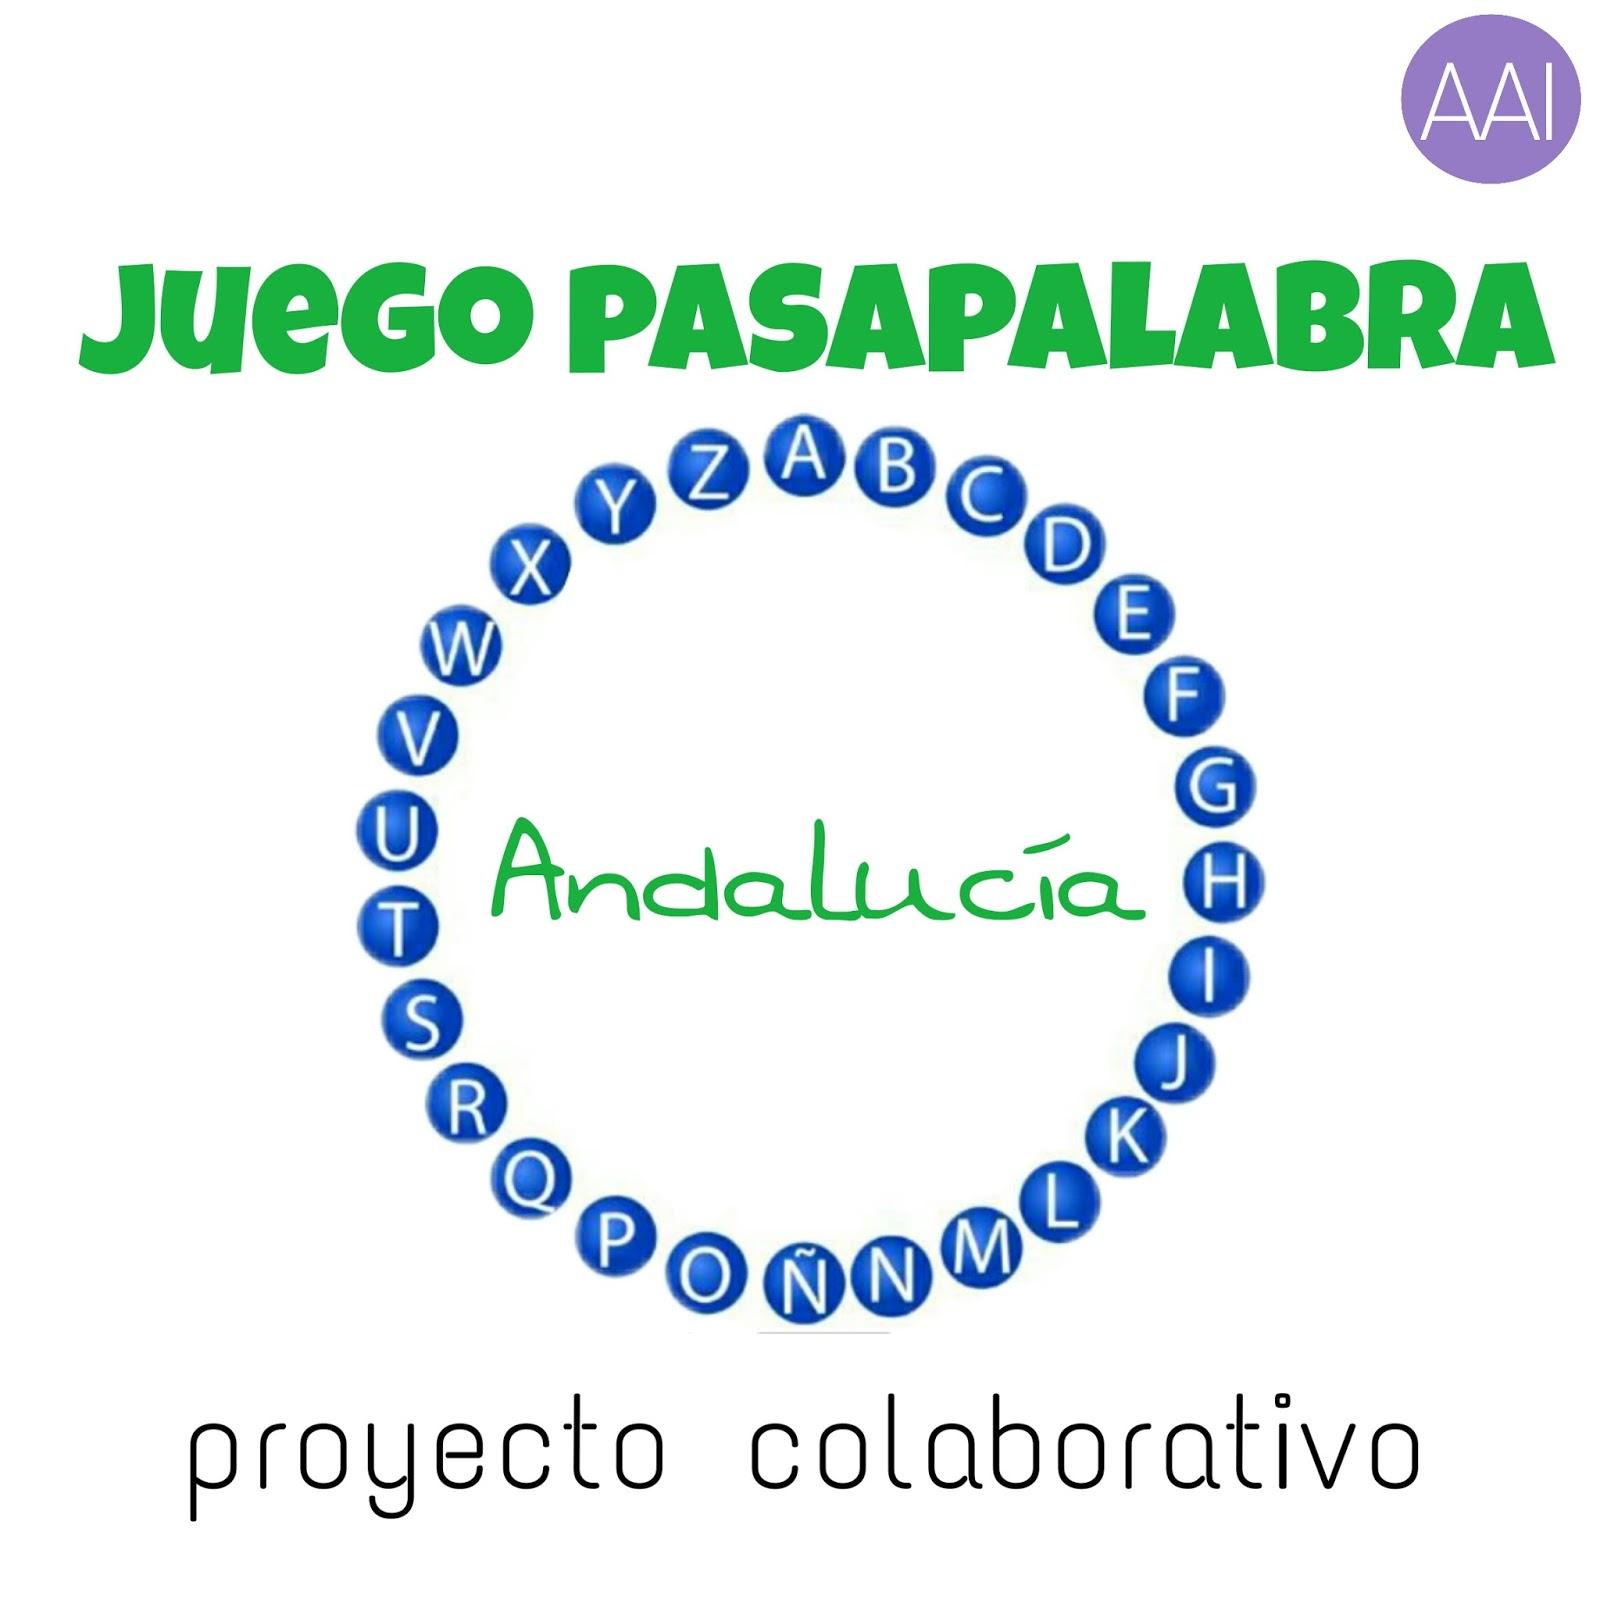 Juego Pasapalabra Andalucia